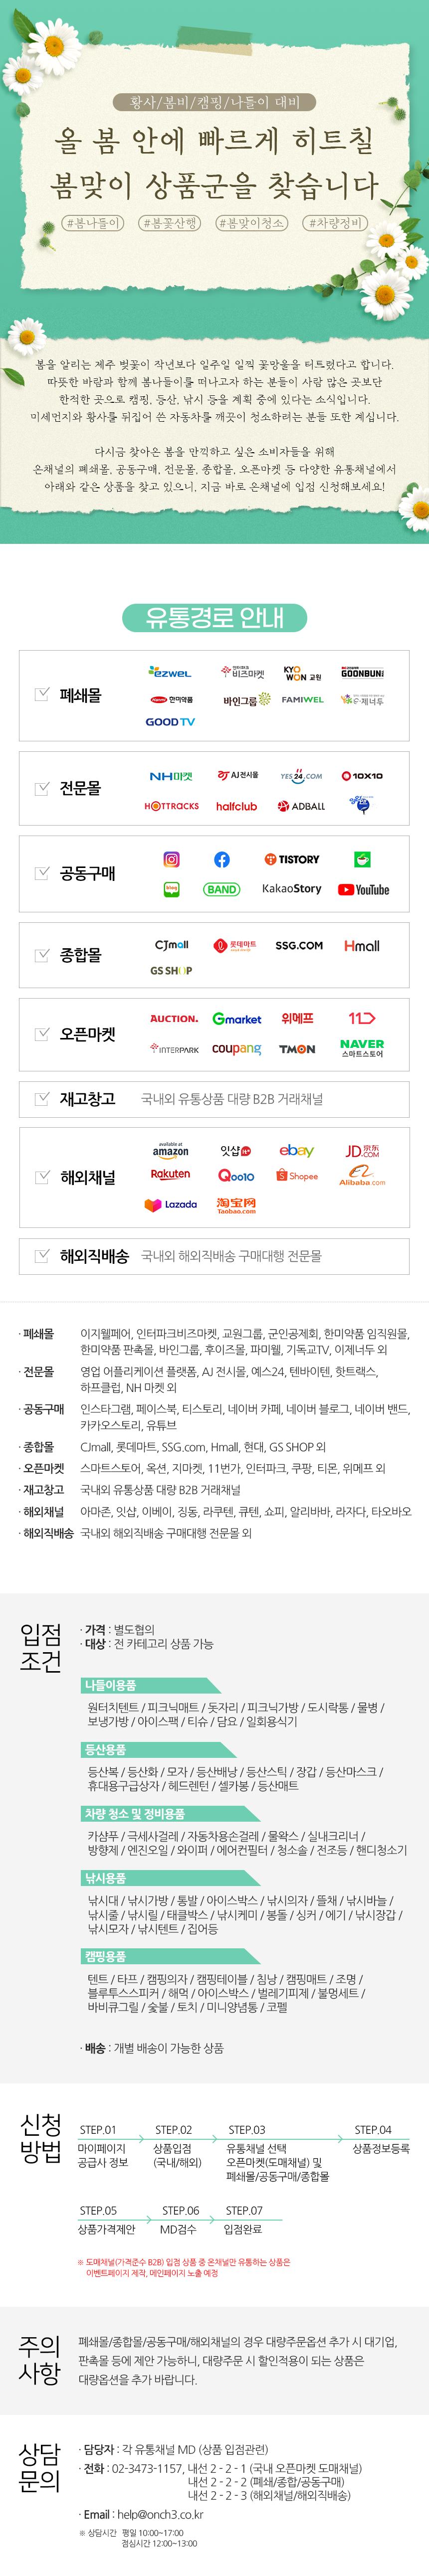 210331_4월_수정.png